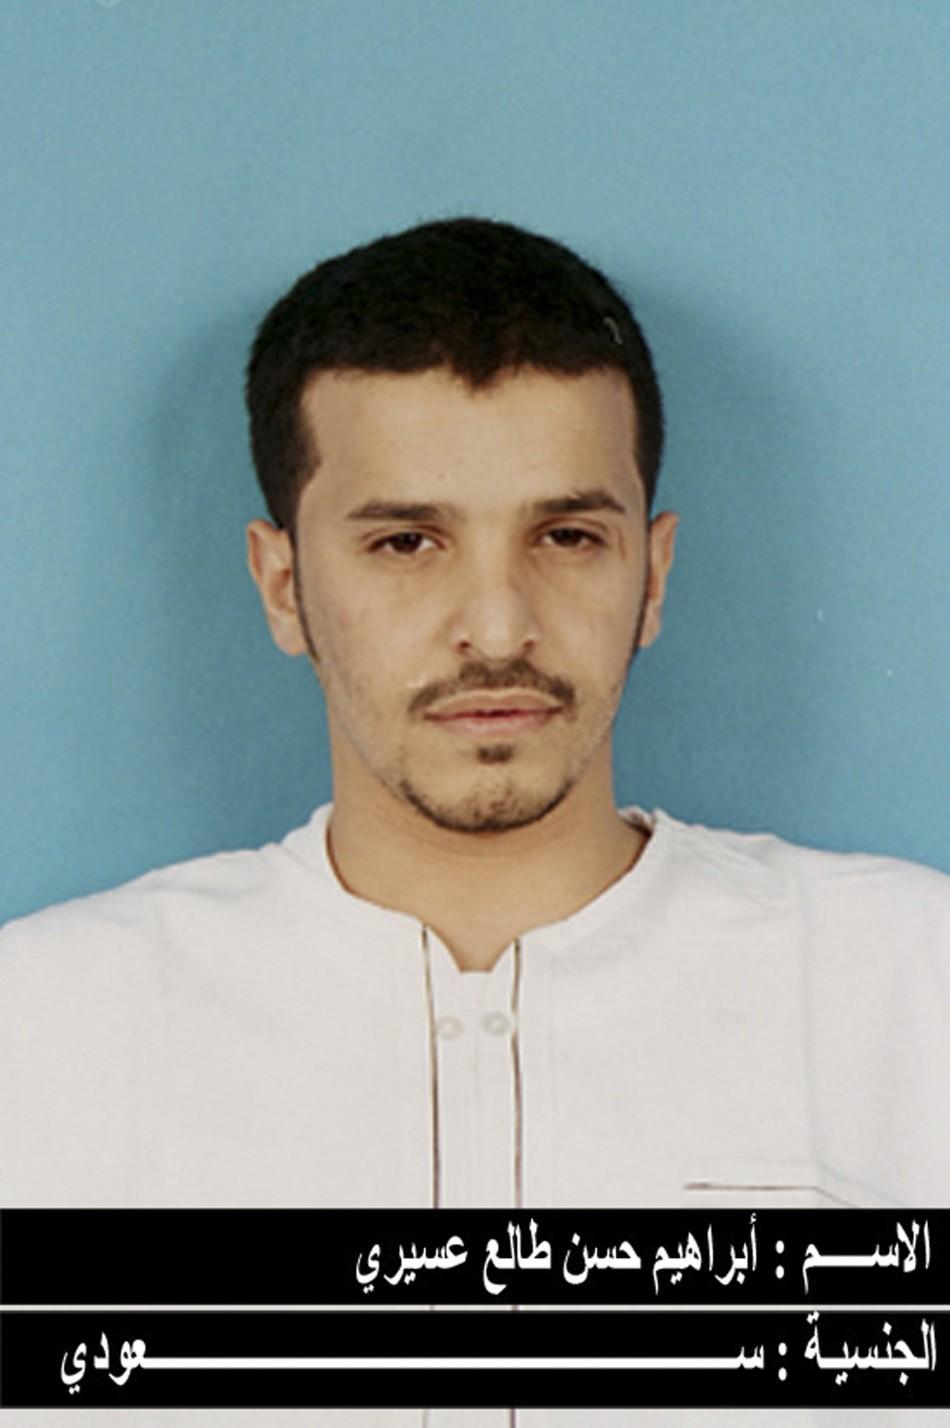 Ibrahim al-Asiri, alleged to be AQAP's chief bomb-maker, Reuters